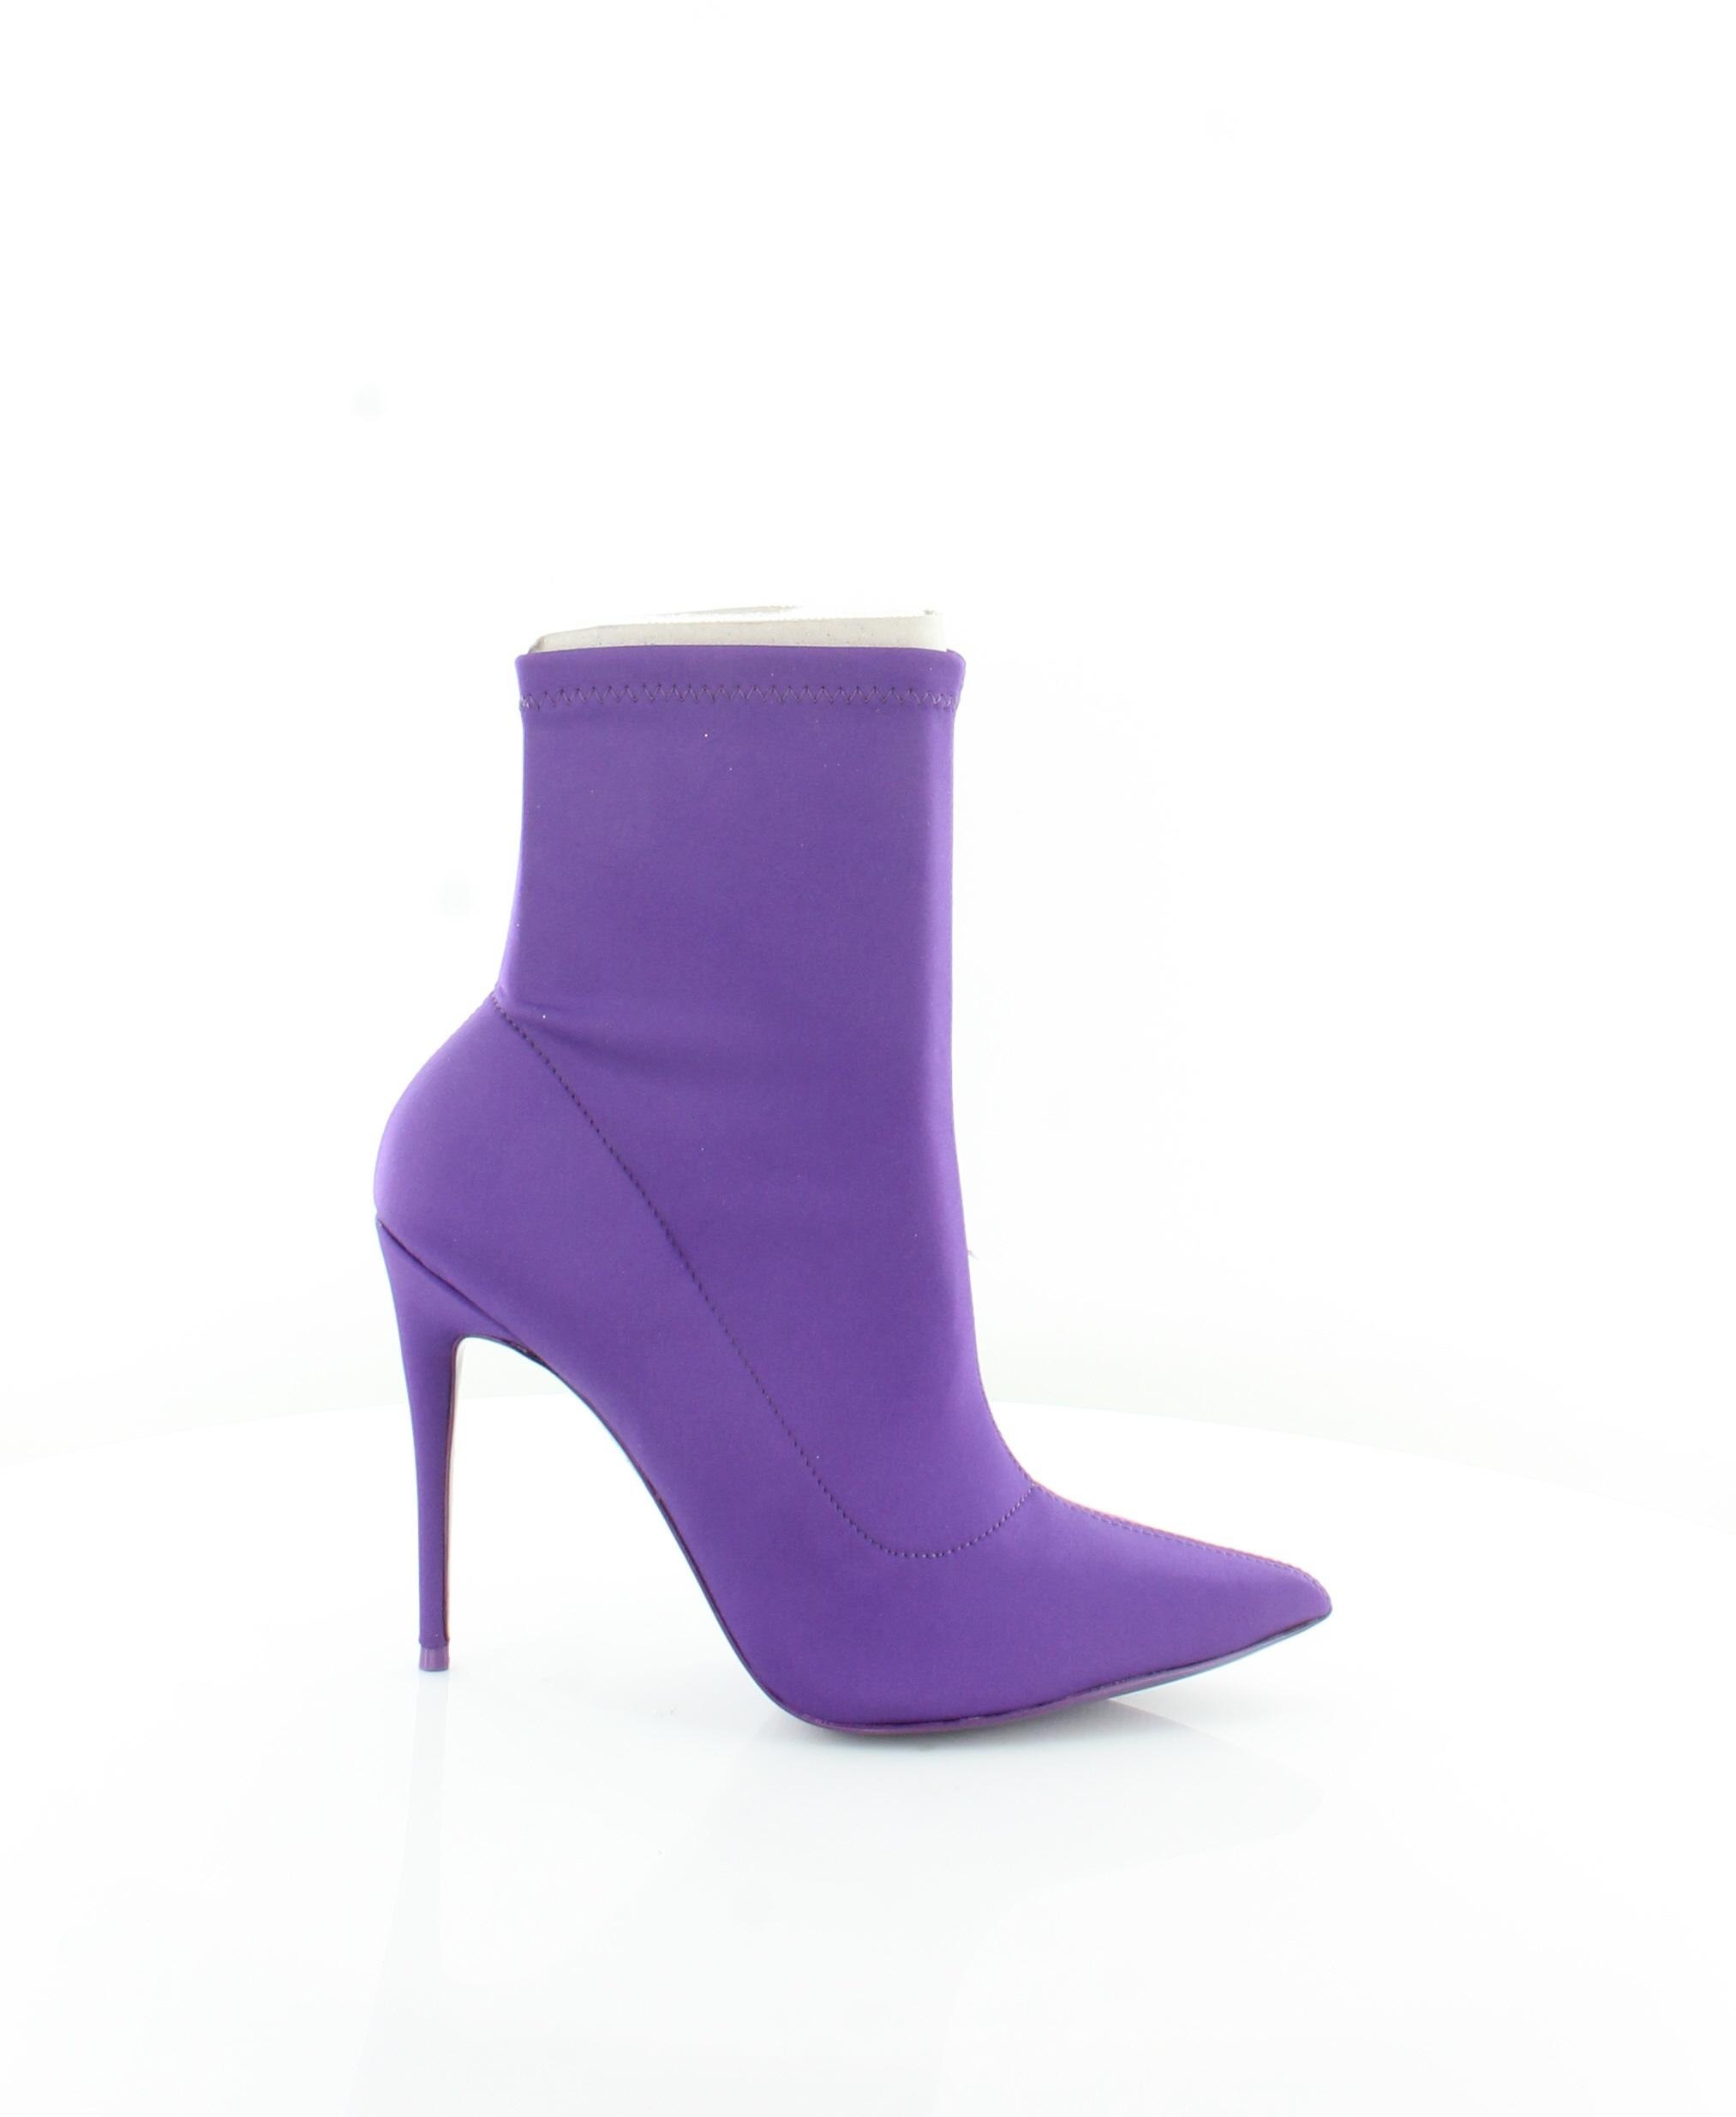 spedizione e scambi gratuiti. Aldo New New New Cirelle viola donna scarpe Dimensione 8 M Heels MSRP  110  negozio a basso costo